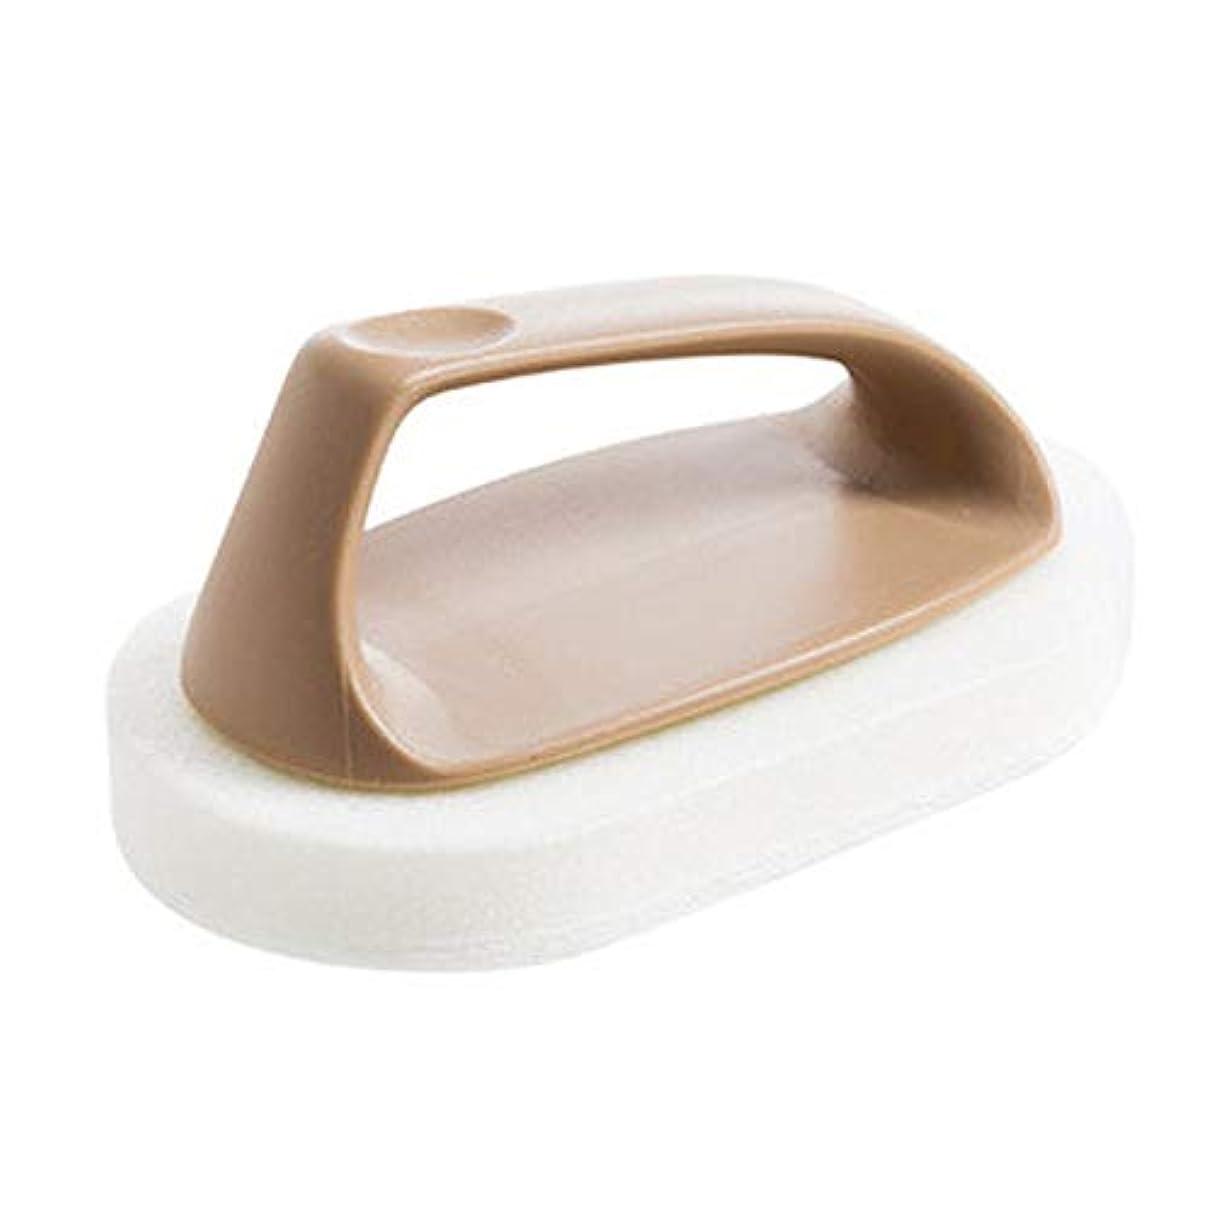 名前で異常なマニフェストポアクリーニング スポンジバスバスルーム強力な汚染除去タイルキッチンウォッシュポットクリーニングブラシストーブスポンジ2 PC マッサージブラシ (色 : 褐色)